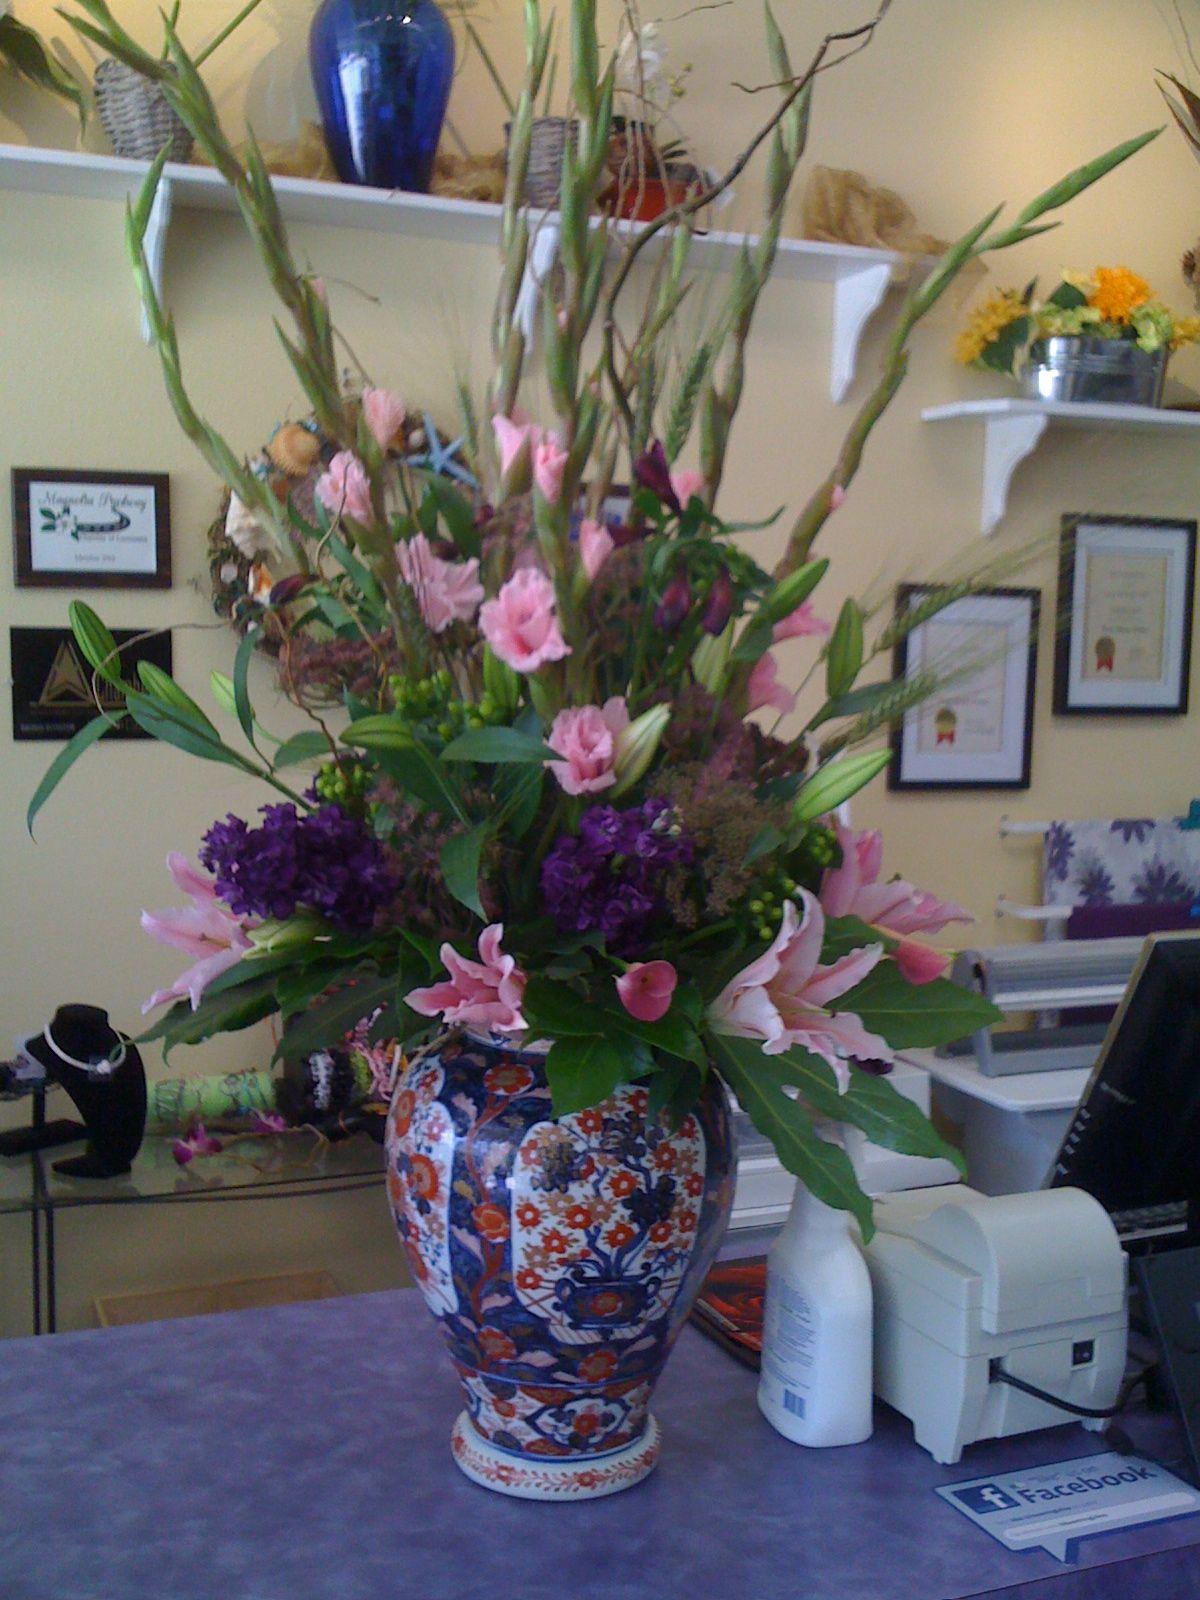 Flower arrangement. stargazer lilies, gladiolas, stock